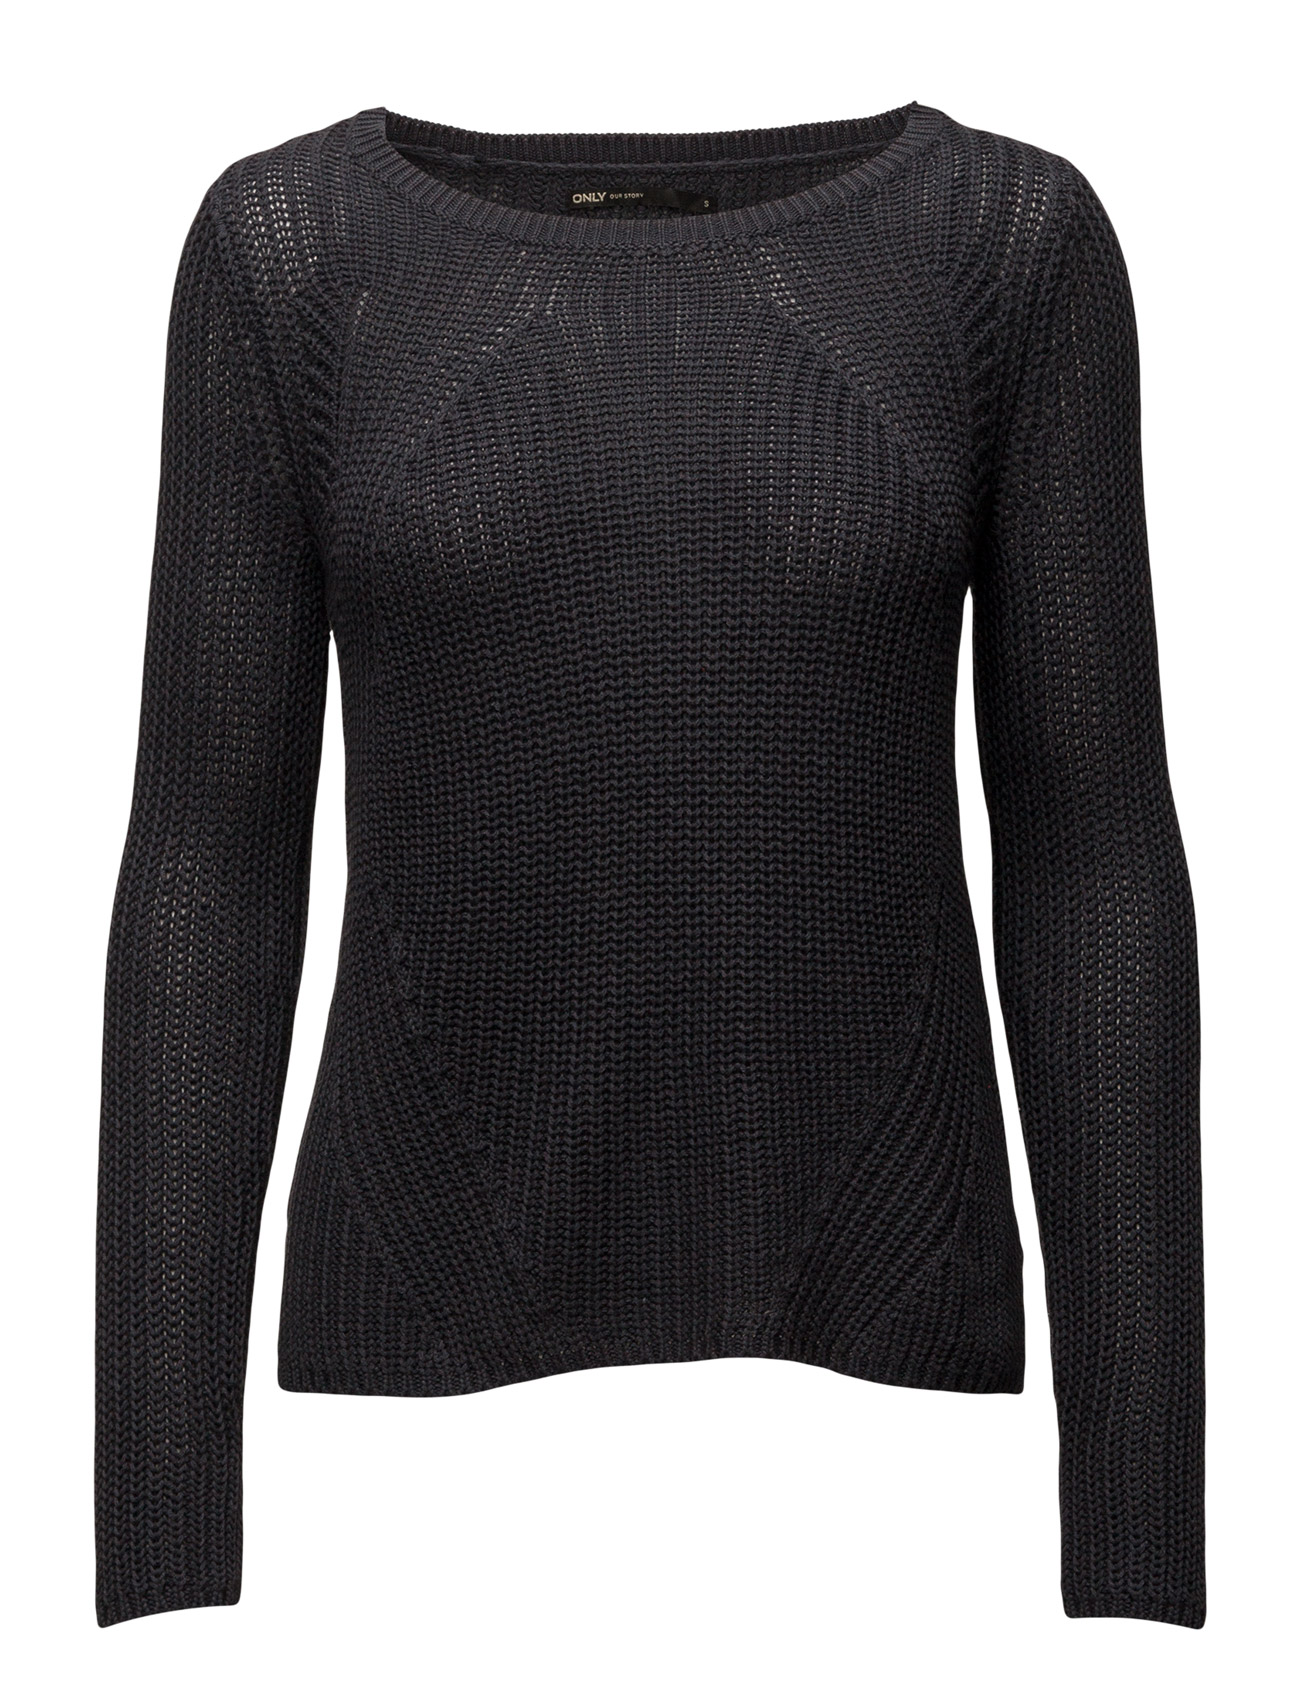 Onlcira L/S Pullover Knt ONLY Sweatshirts til Damer i Blå Graphite